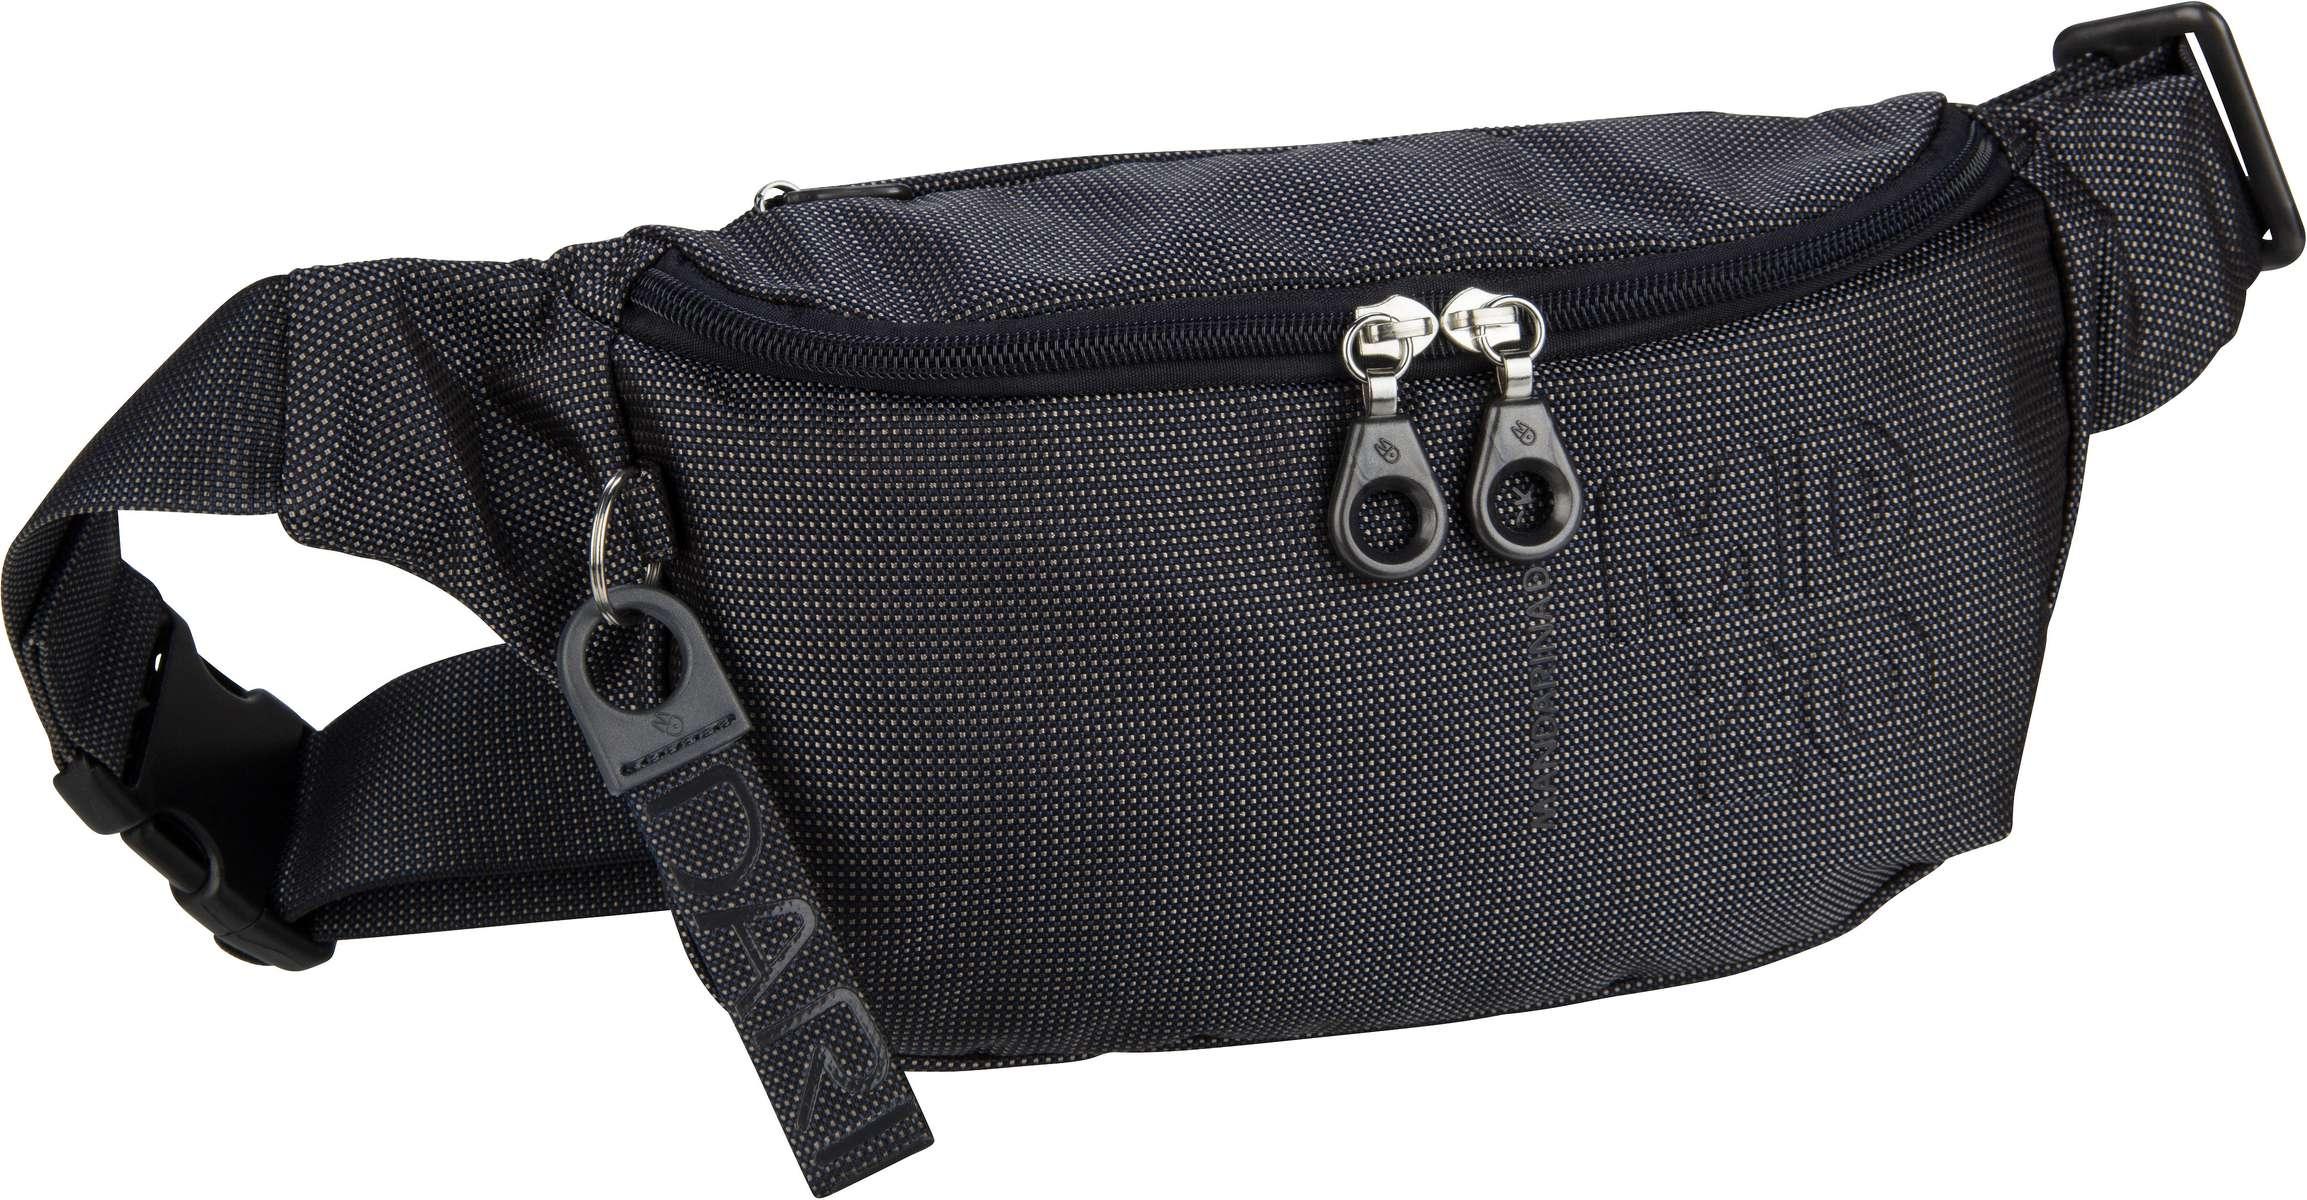 Kleinwaren - Mandarina Duck Gürteltasche MD20 Bum Bag QMMM3 Steel  - Onlineshop Taschenkaufhaus